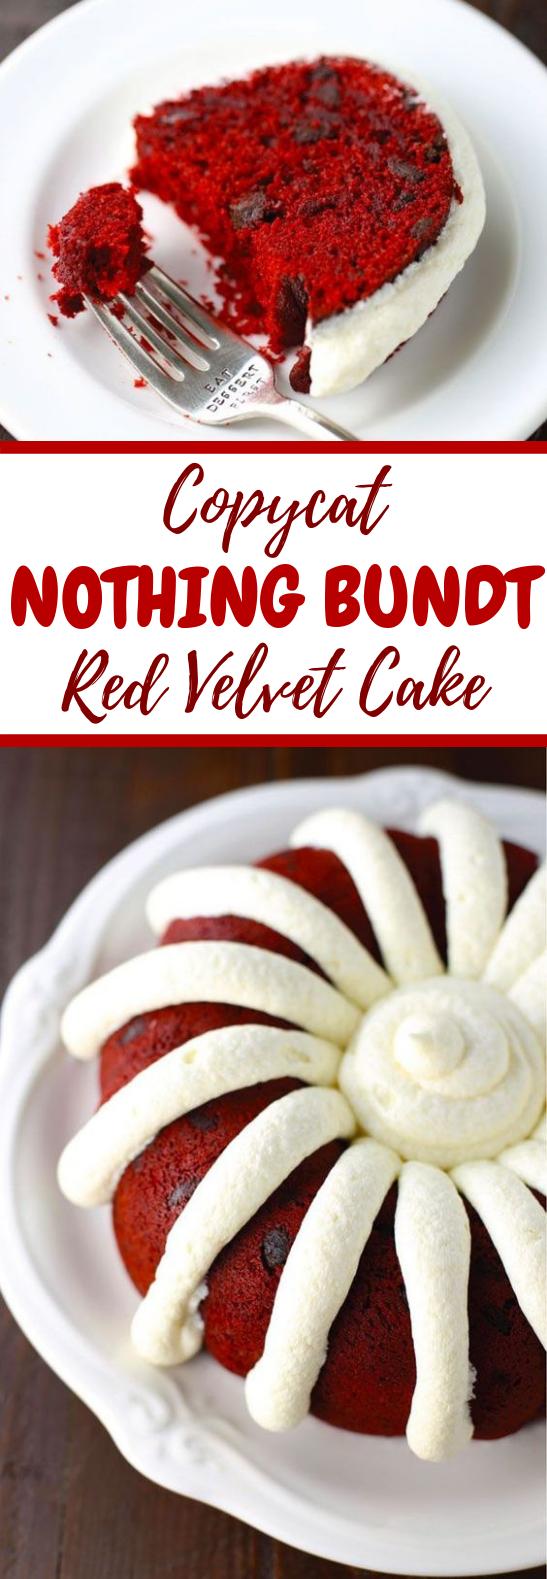 COPYCAT NOTHING BUNDT RED VELVET CAKE #Dessert #Baking